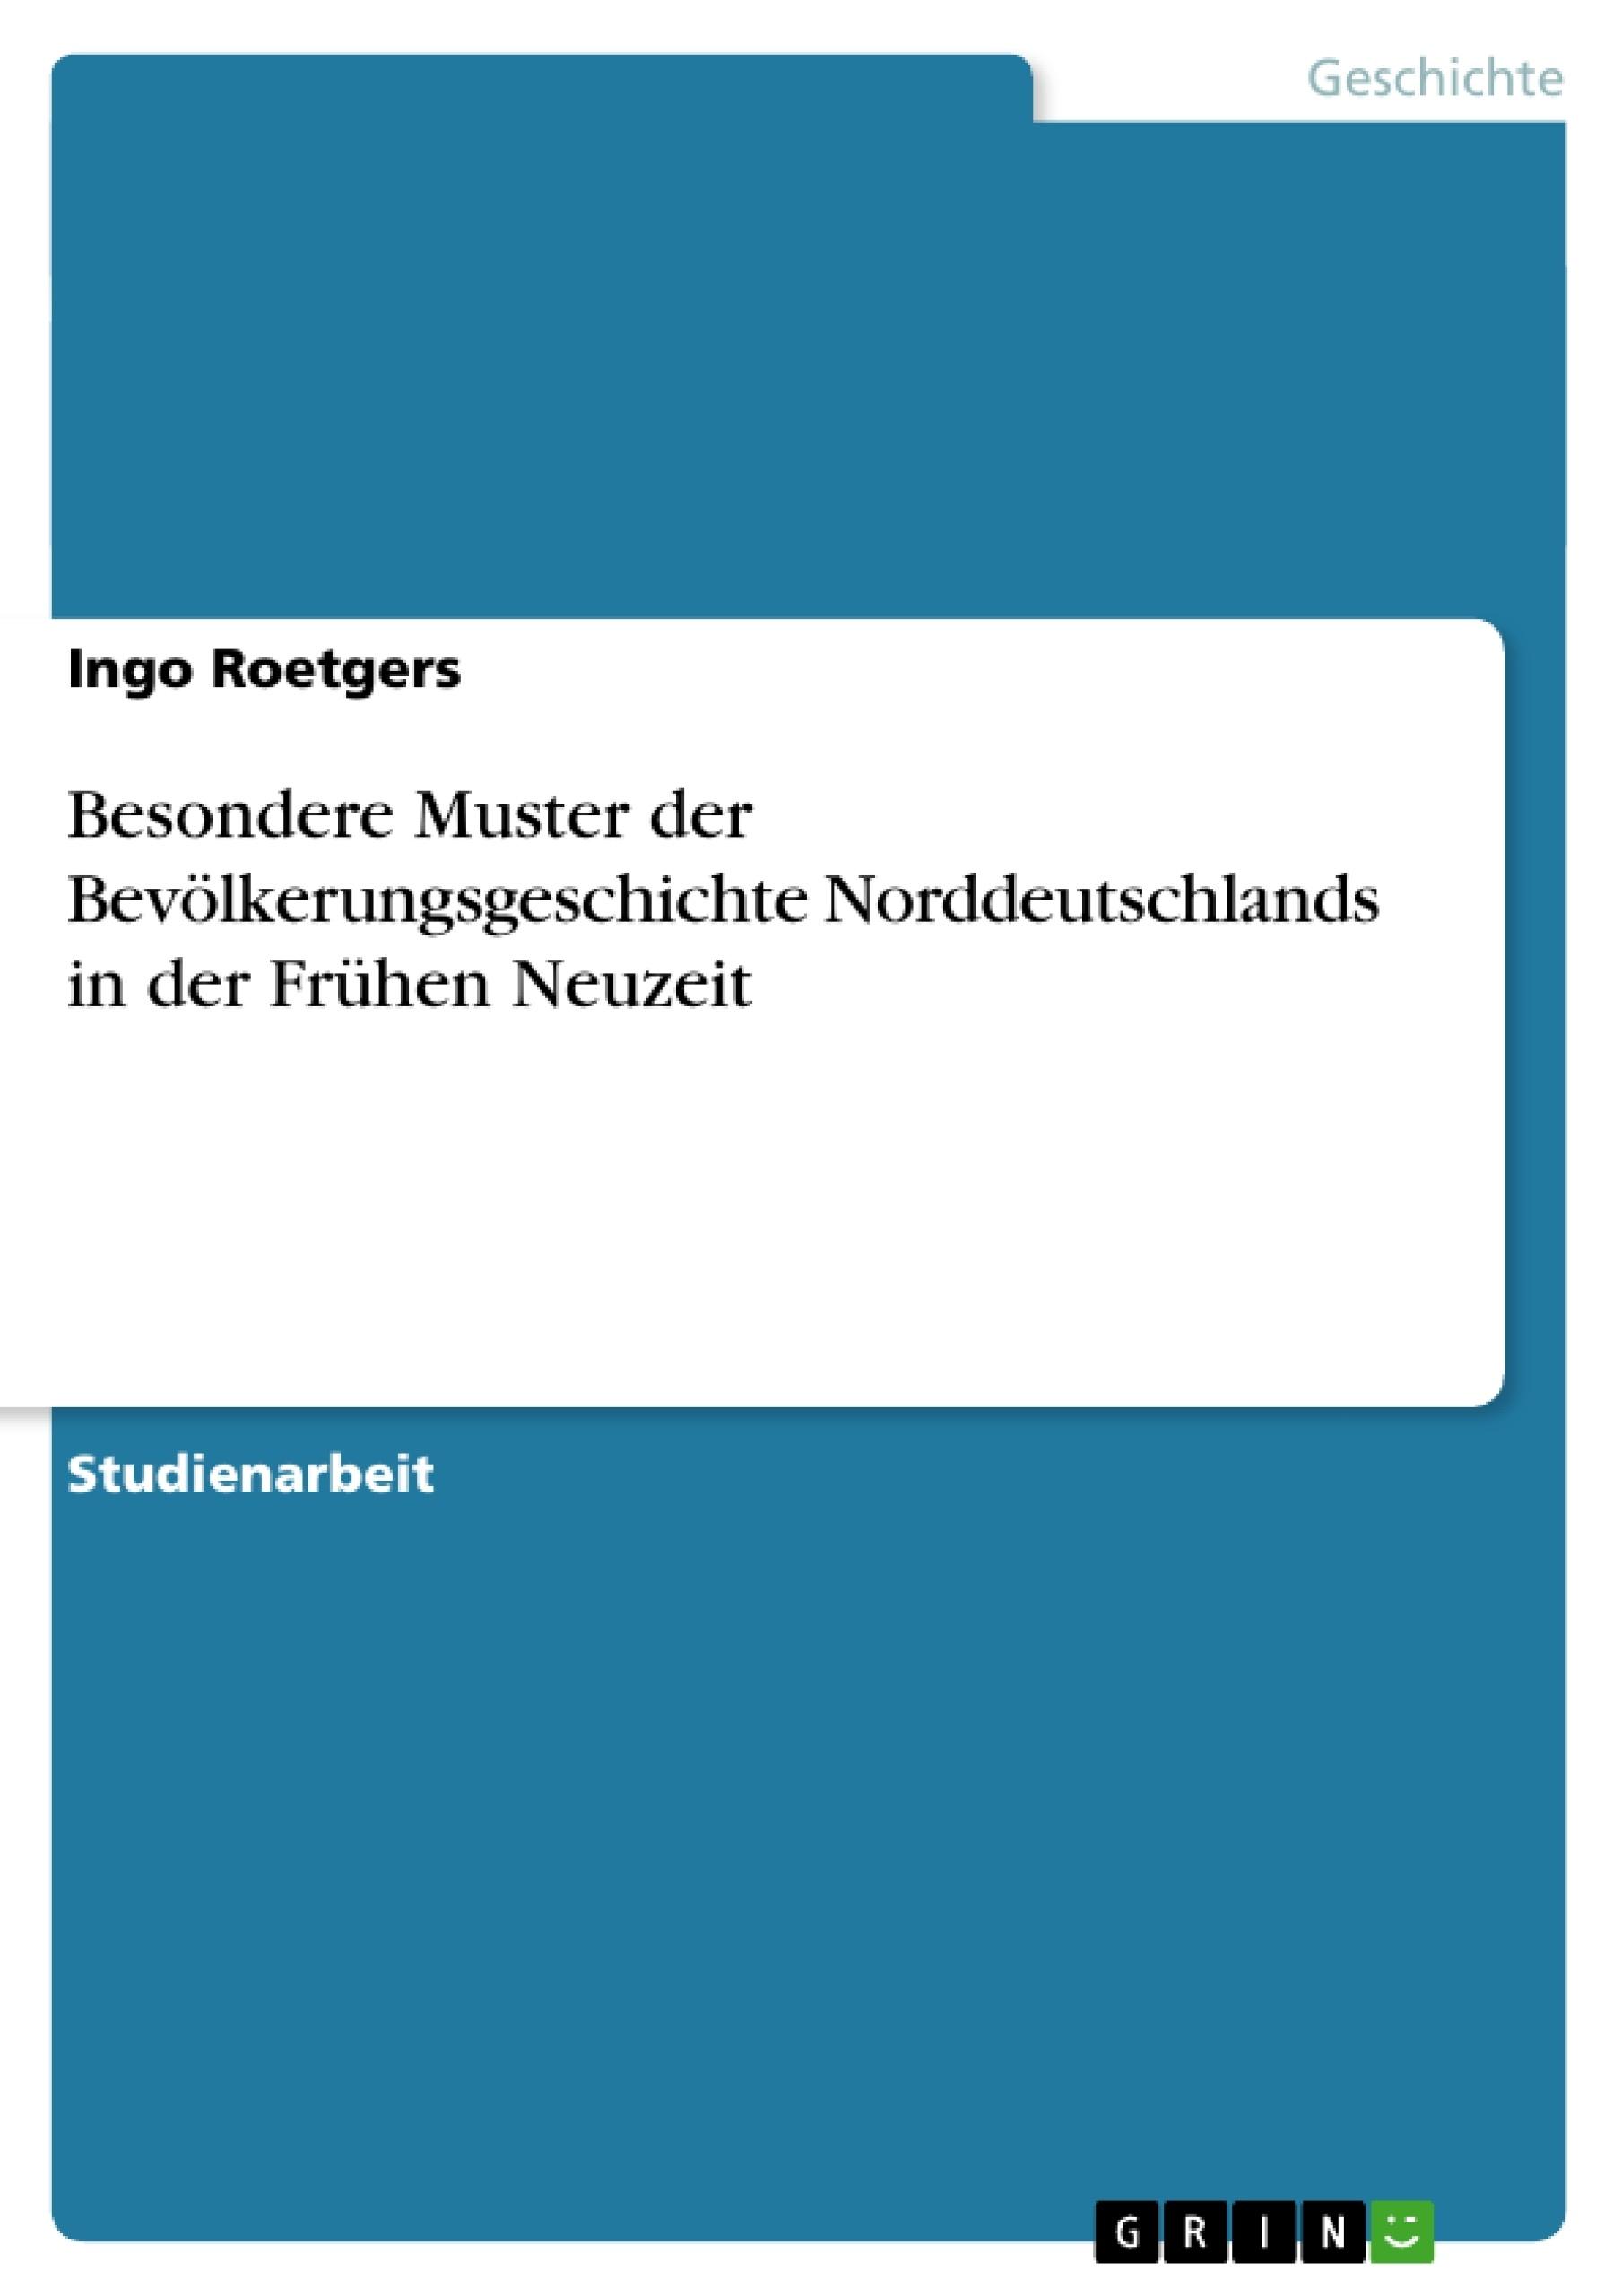 Titel: Besondere Muster der Bevölkerungsgeschichte Norddeutschlands in der Frühen Neuzeit